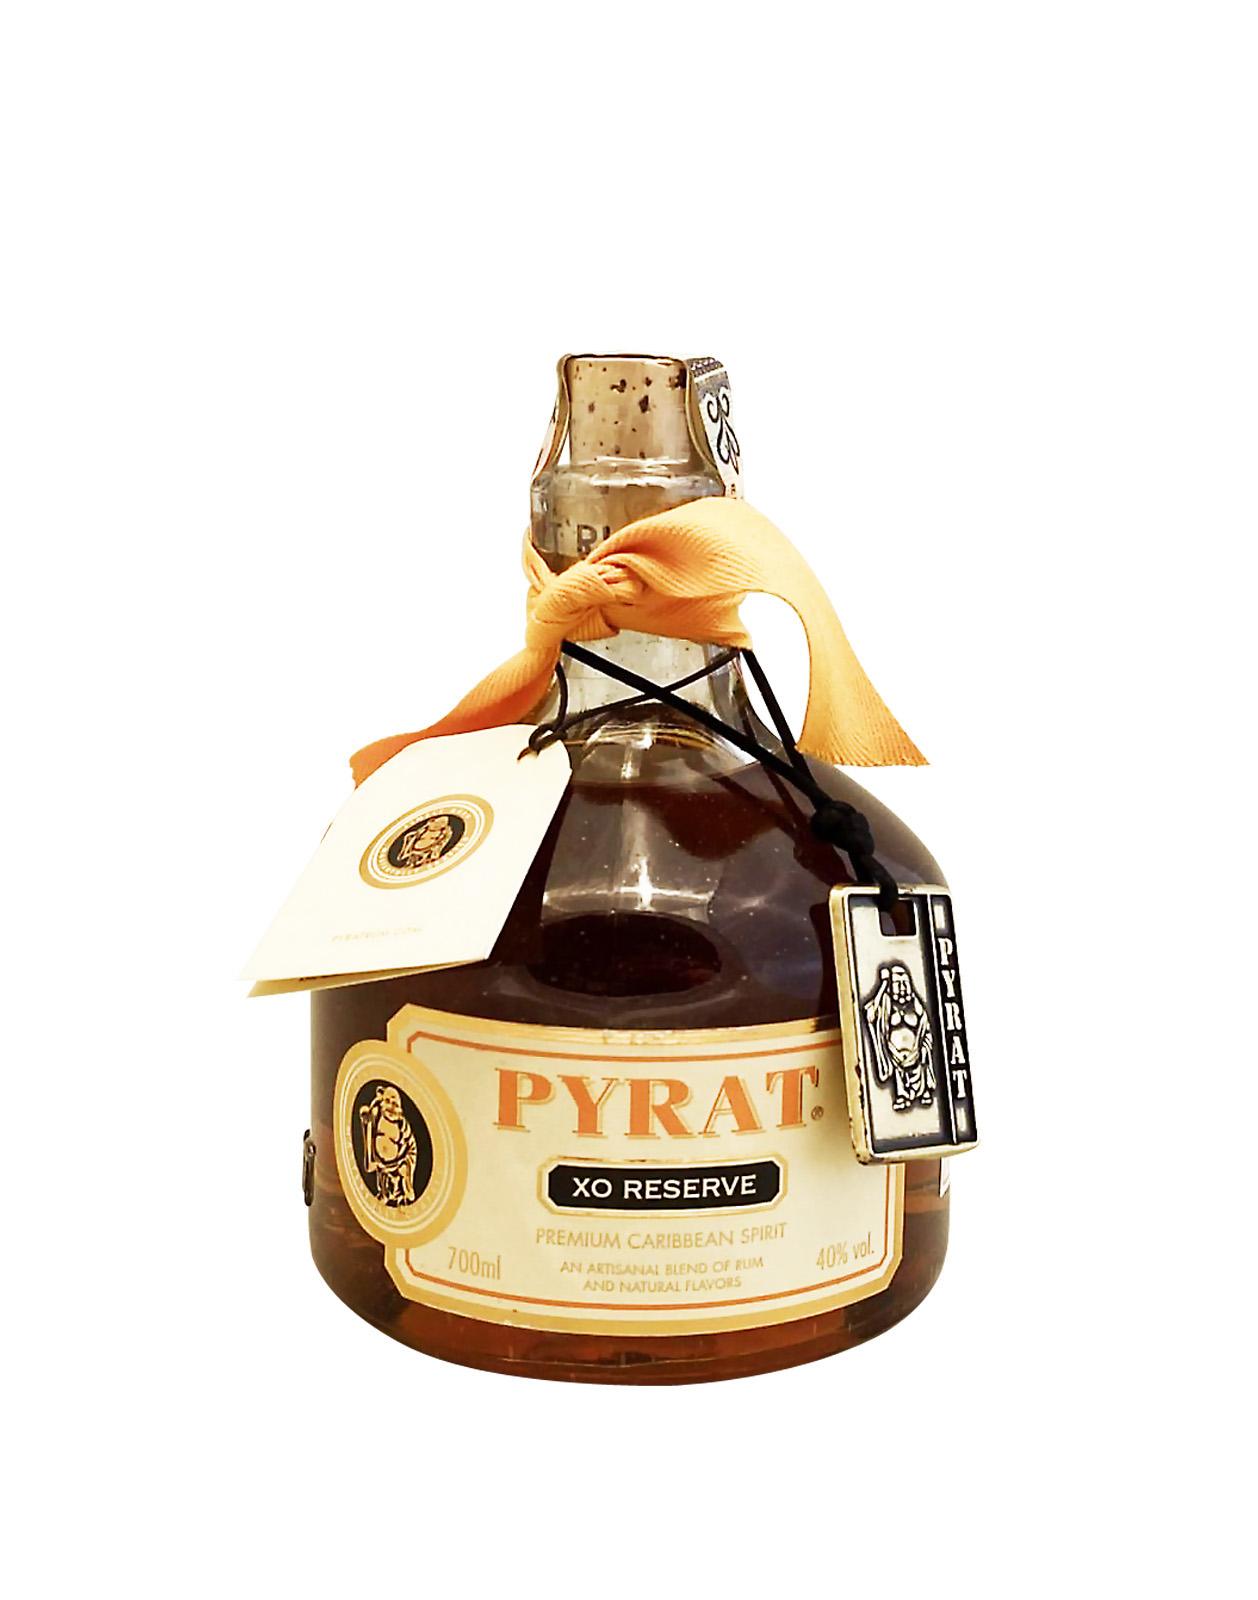 Pyrat XO reserva 40%, Bottleshop Sunny wines slnecnice mesto, petrzalka, rum, rumy, rozvoz alkoholu, eshop